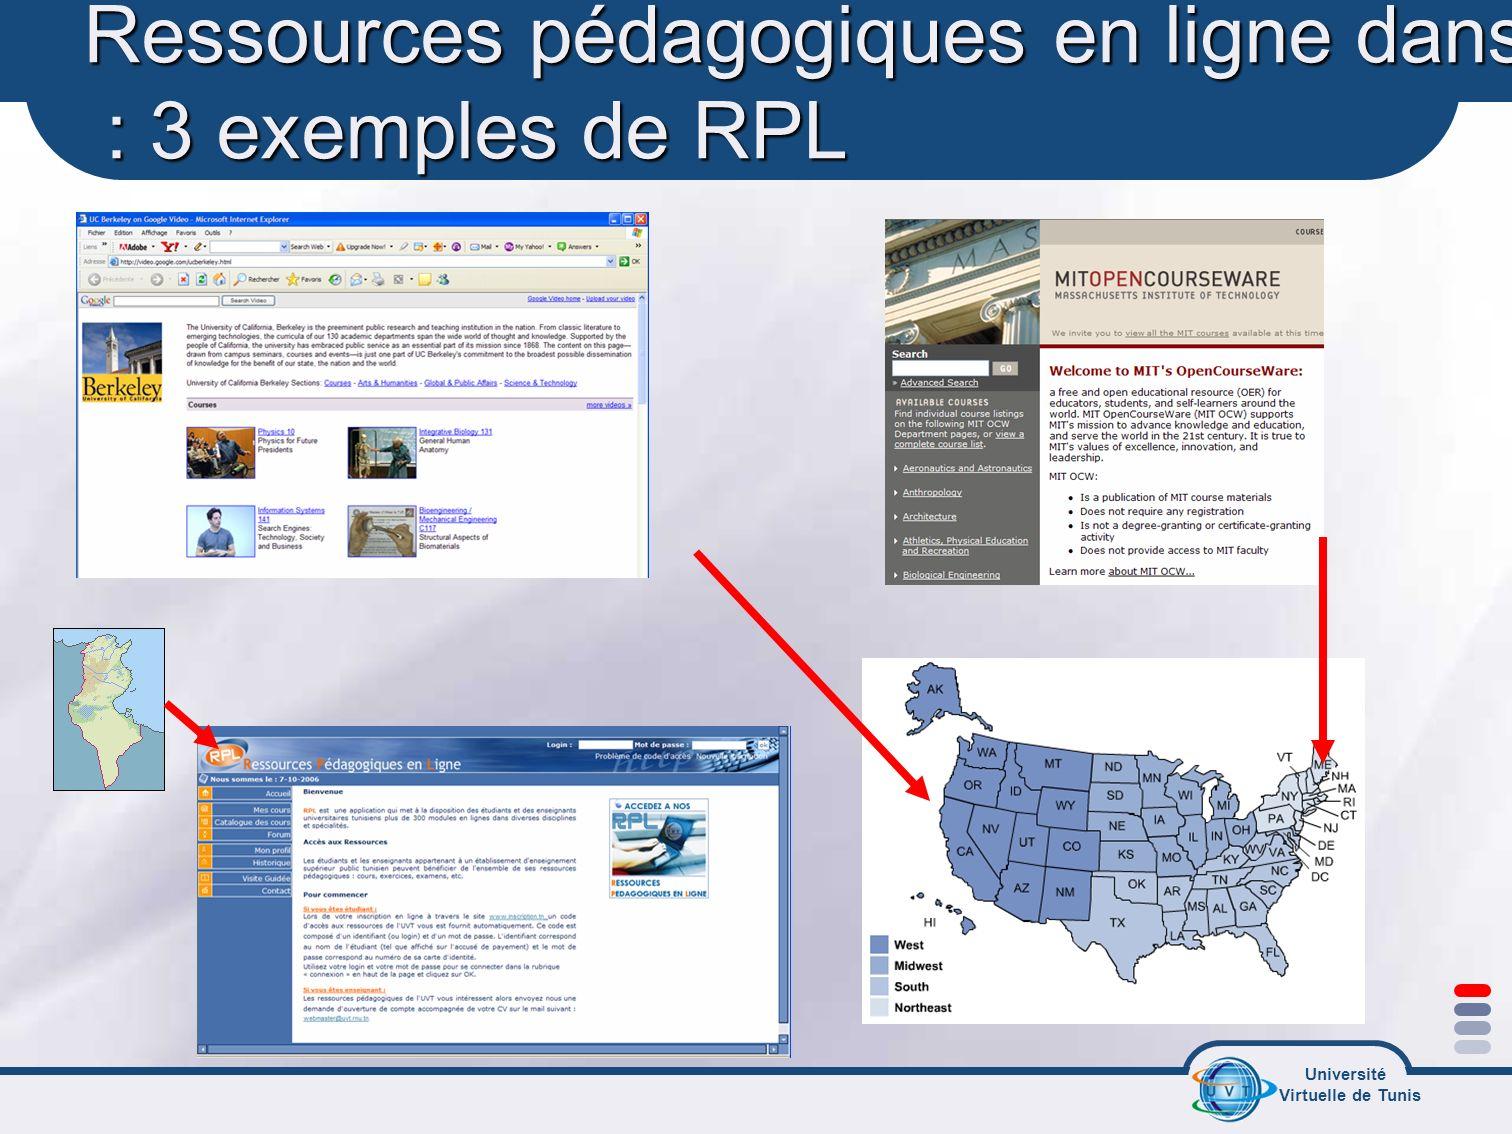 Université Virtuelle de Tunis Ressources pédagogiques en ligne dans le monde : 3 exemples de RPL